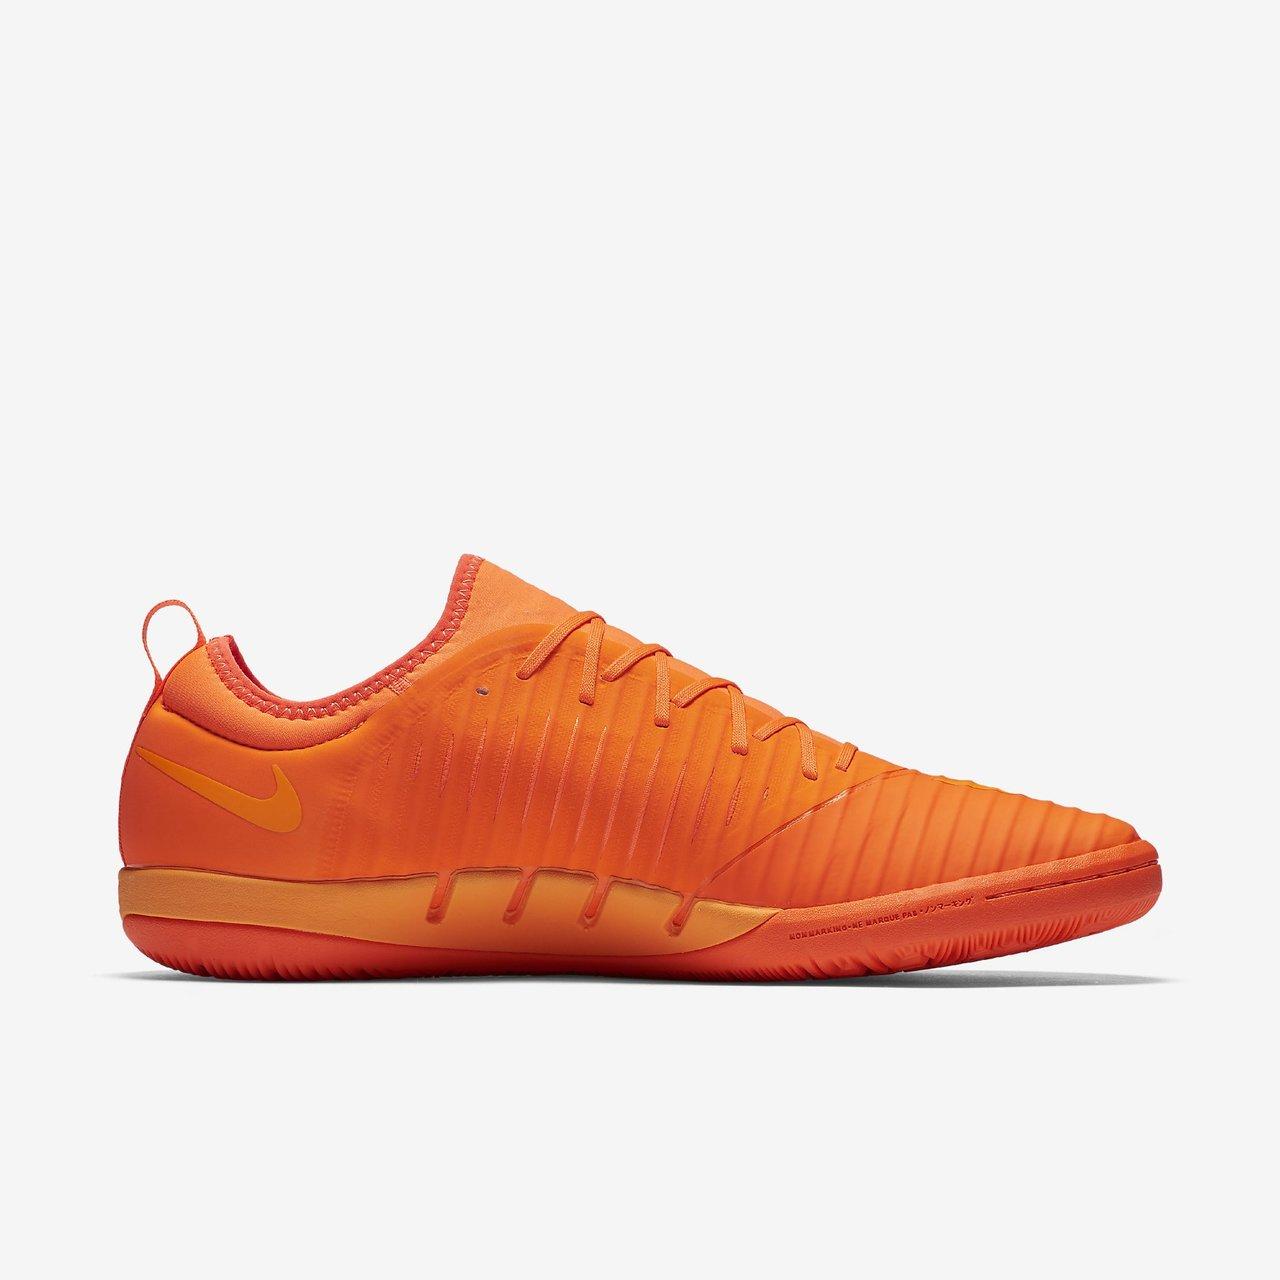 brand new 6d164 70d43 ... france nike mercurialx finale orange online 92d9a 7f6da